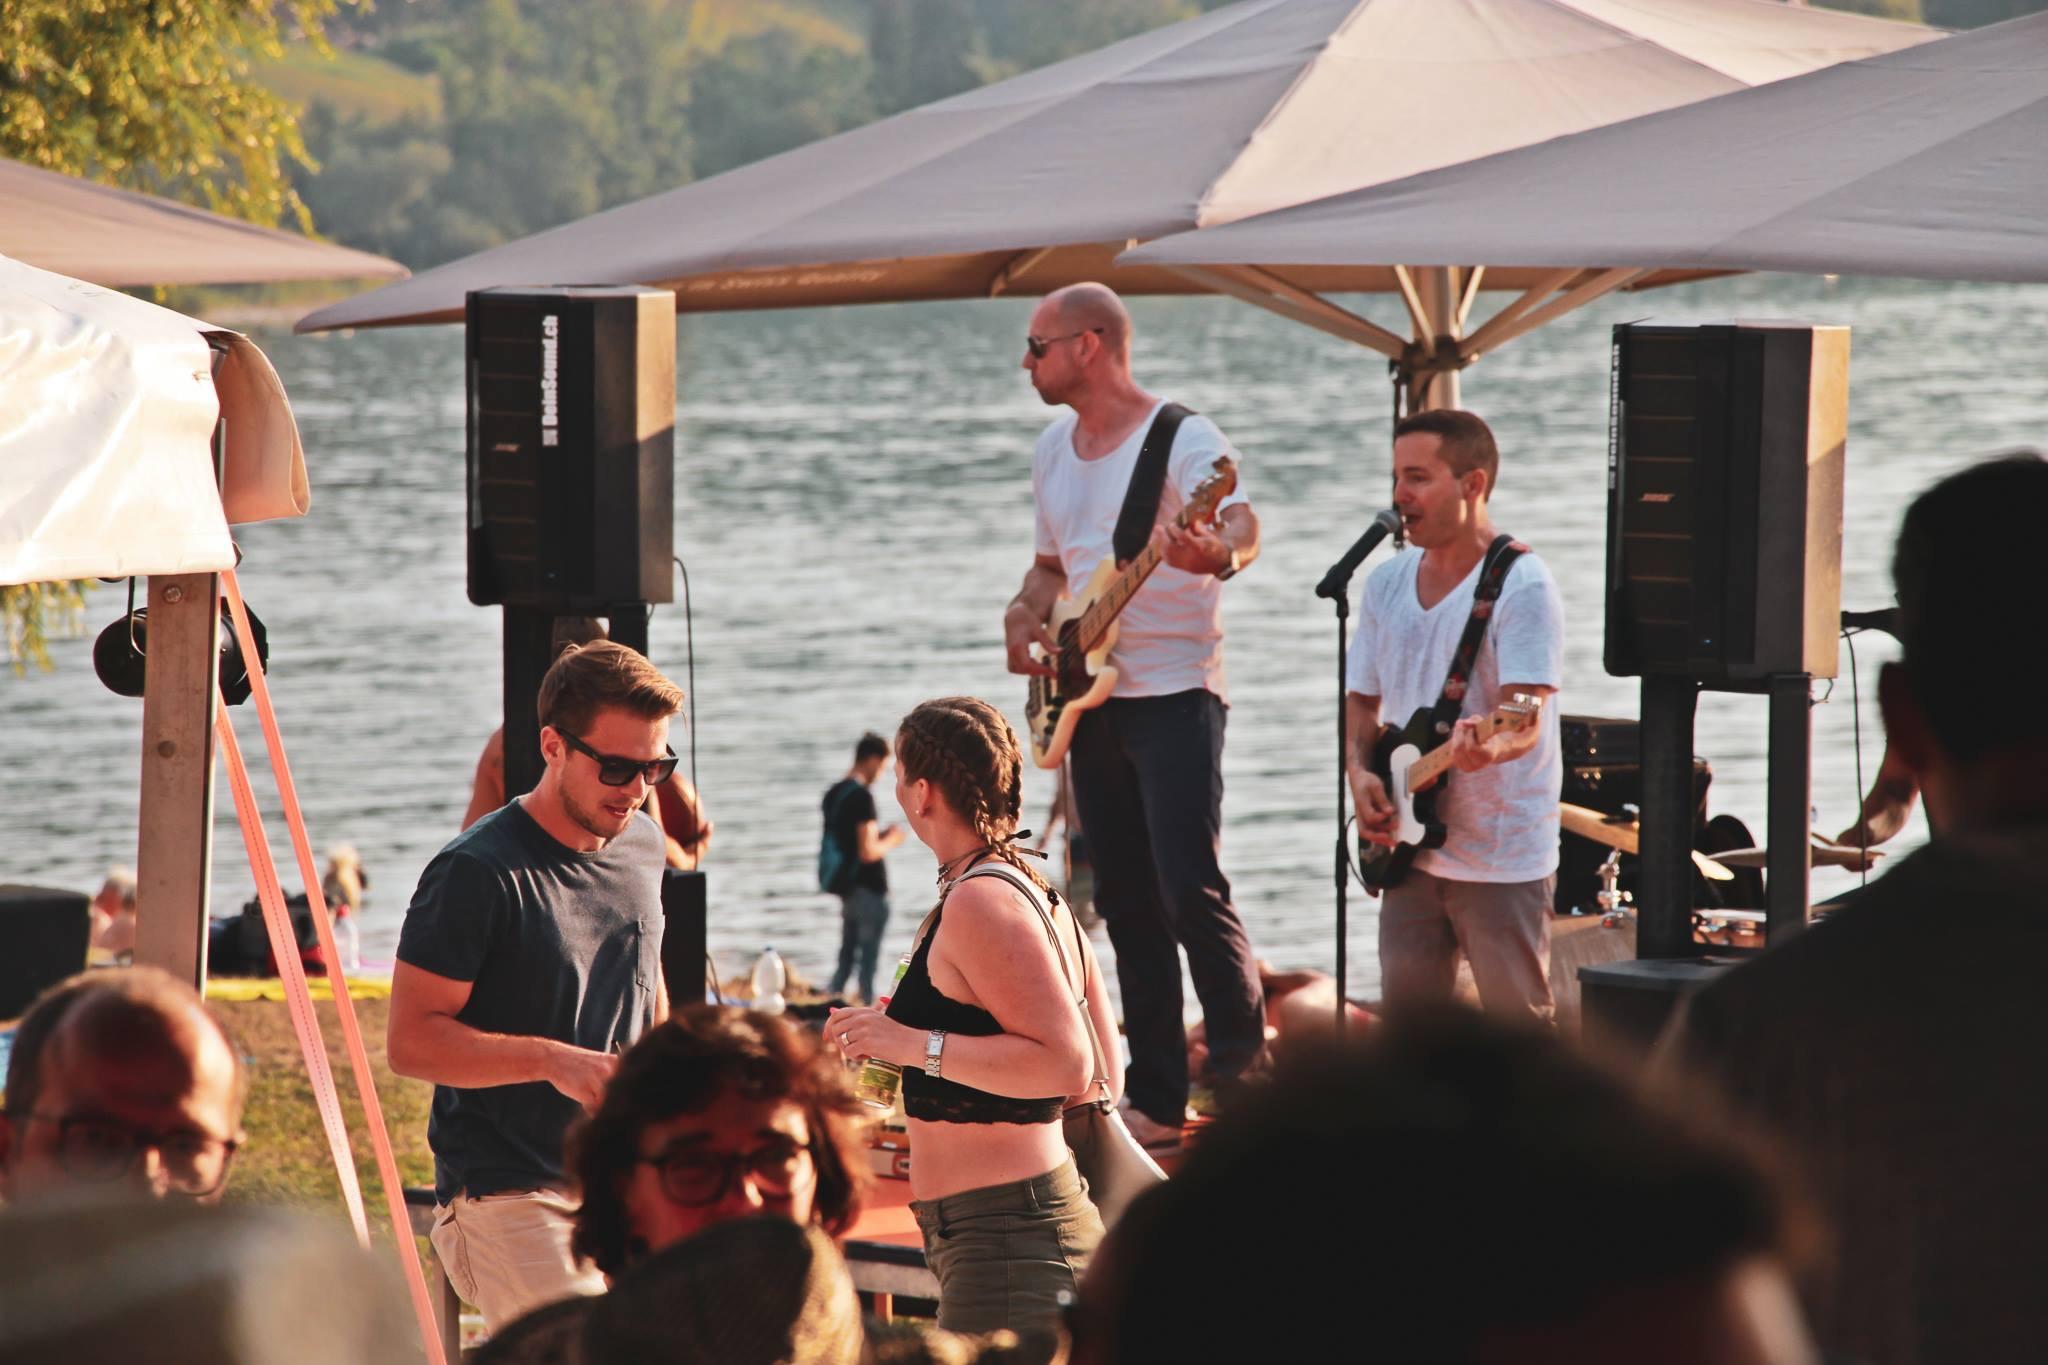 Raymon Liveband Partyband Weddingband Corporateband Hochzeitsband Hochzeitsmusik Firmenfeier Firmenfest Aperomusik Loungemusik